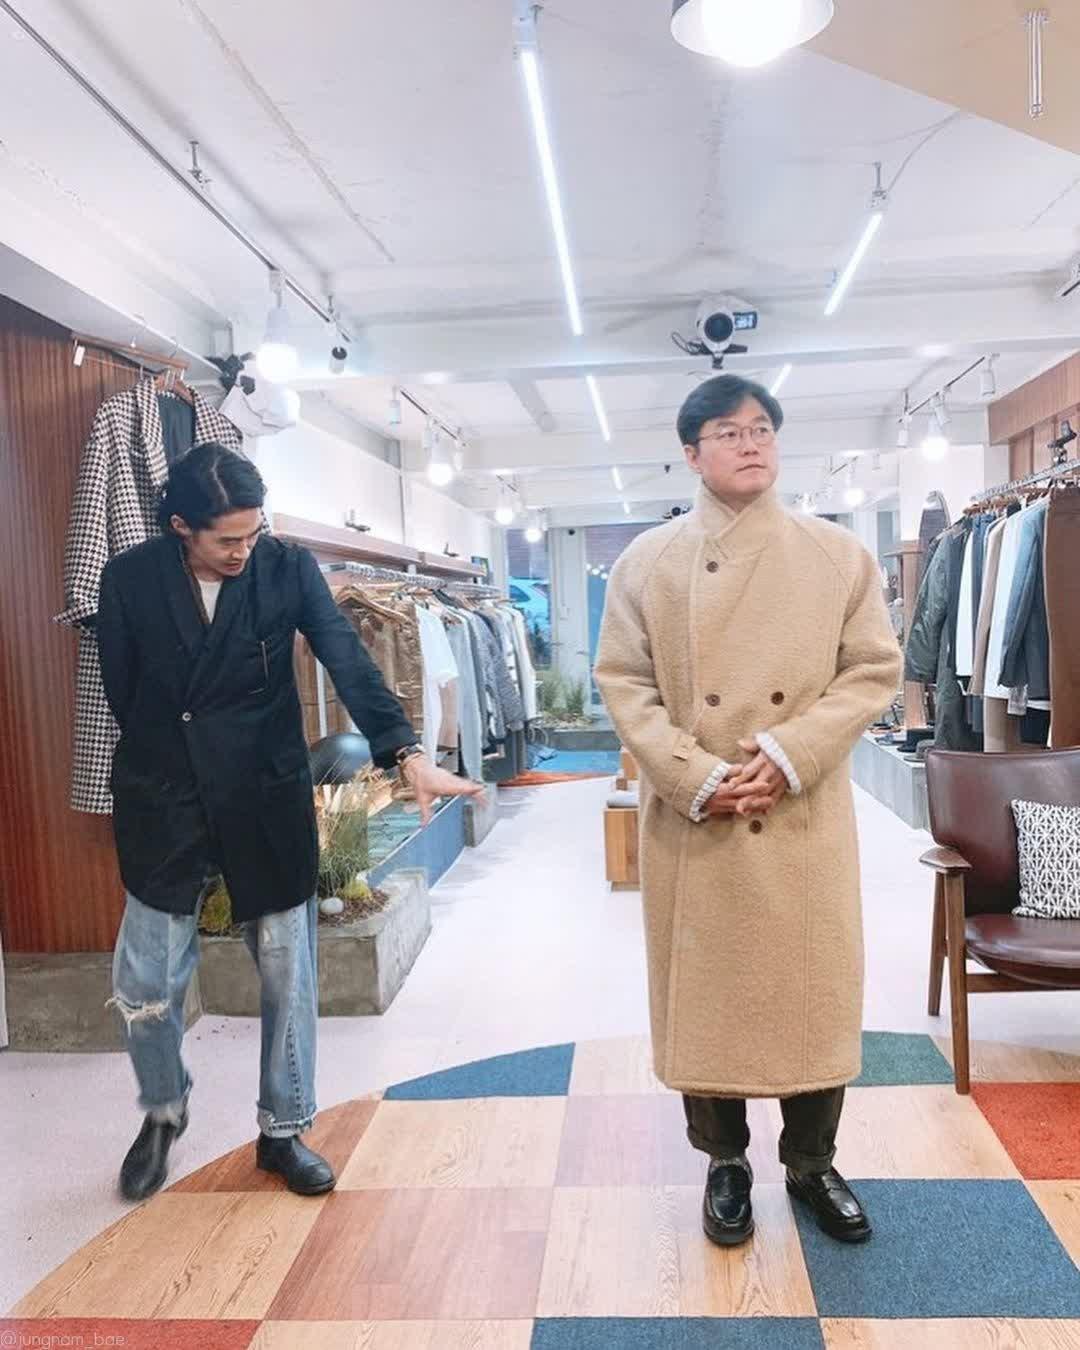 나영석 PD 살빠져서 옷빨 잘 받는 사진 공개 [인스타]